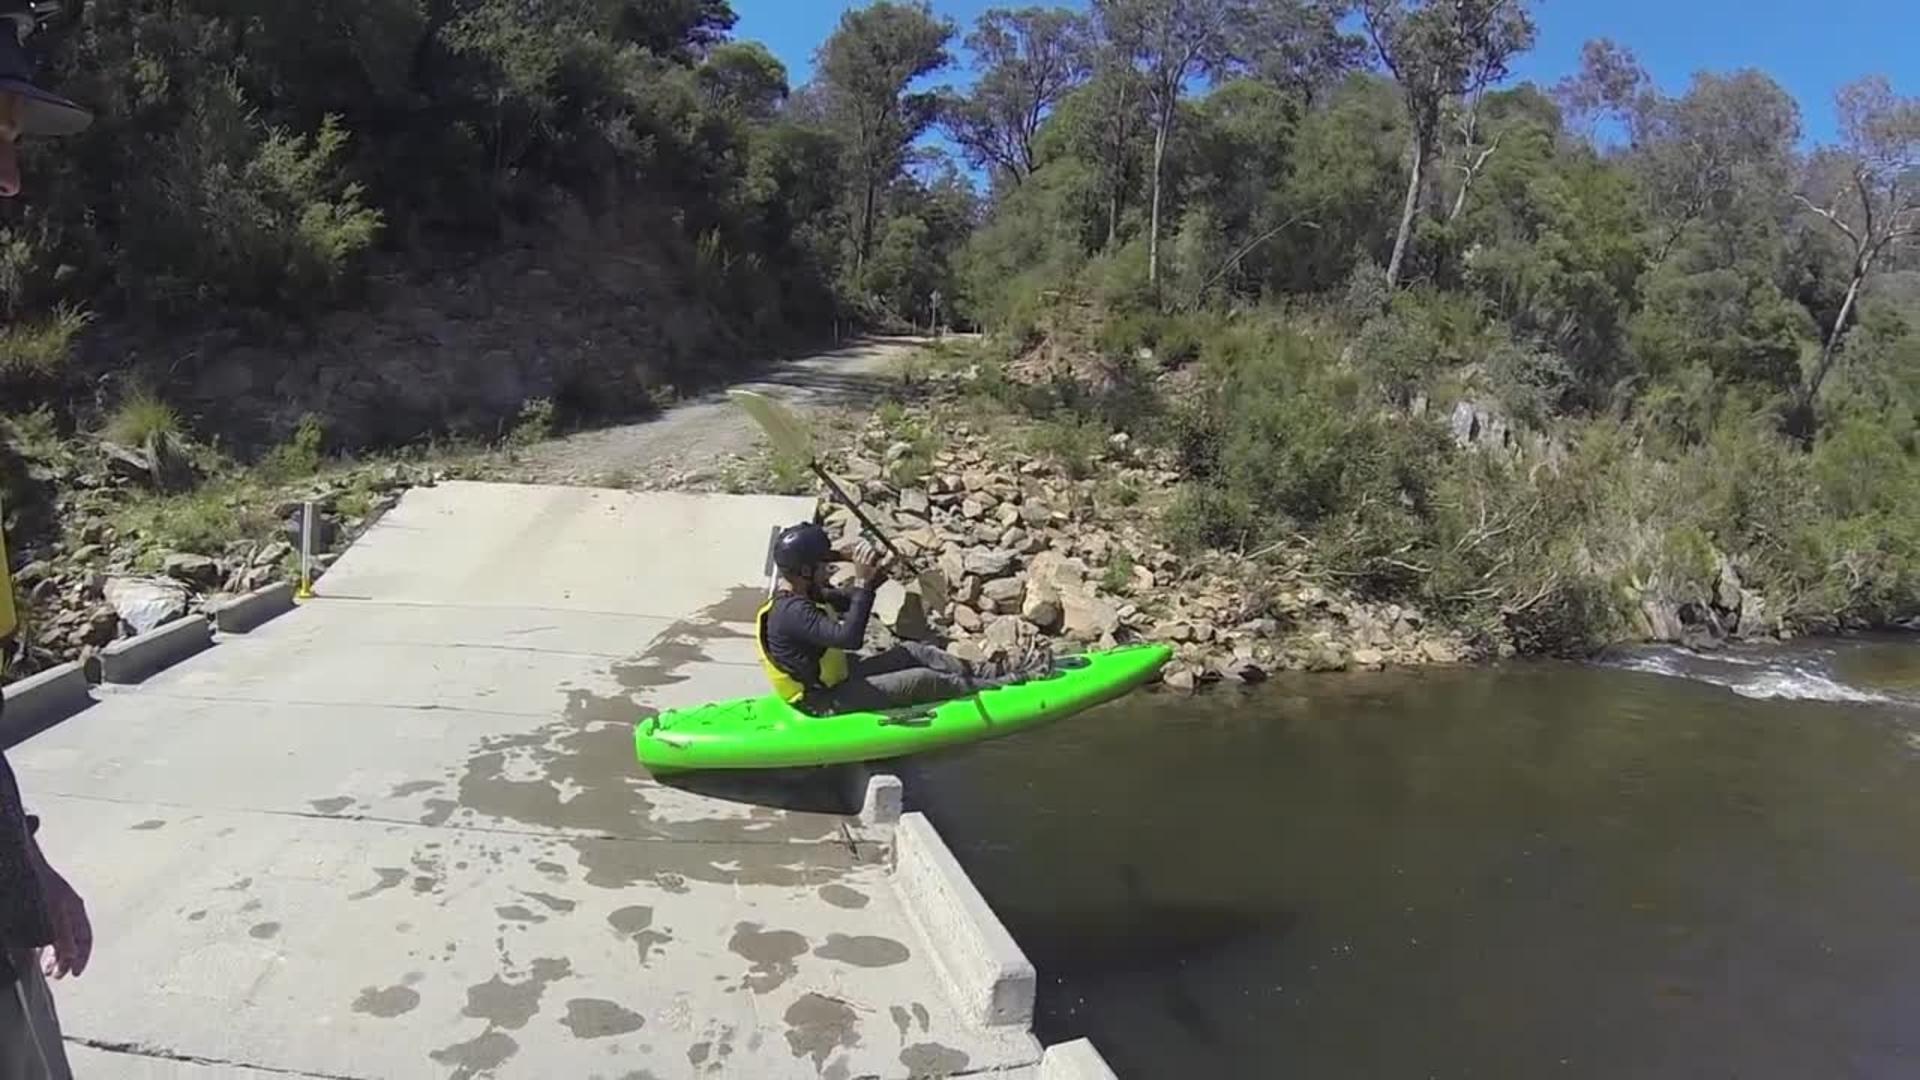 Kayak Launch off Bridge Nosedive   Jukin Media Inc